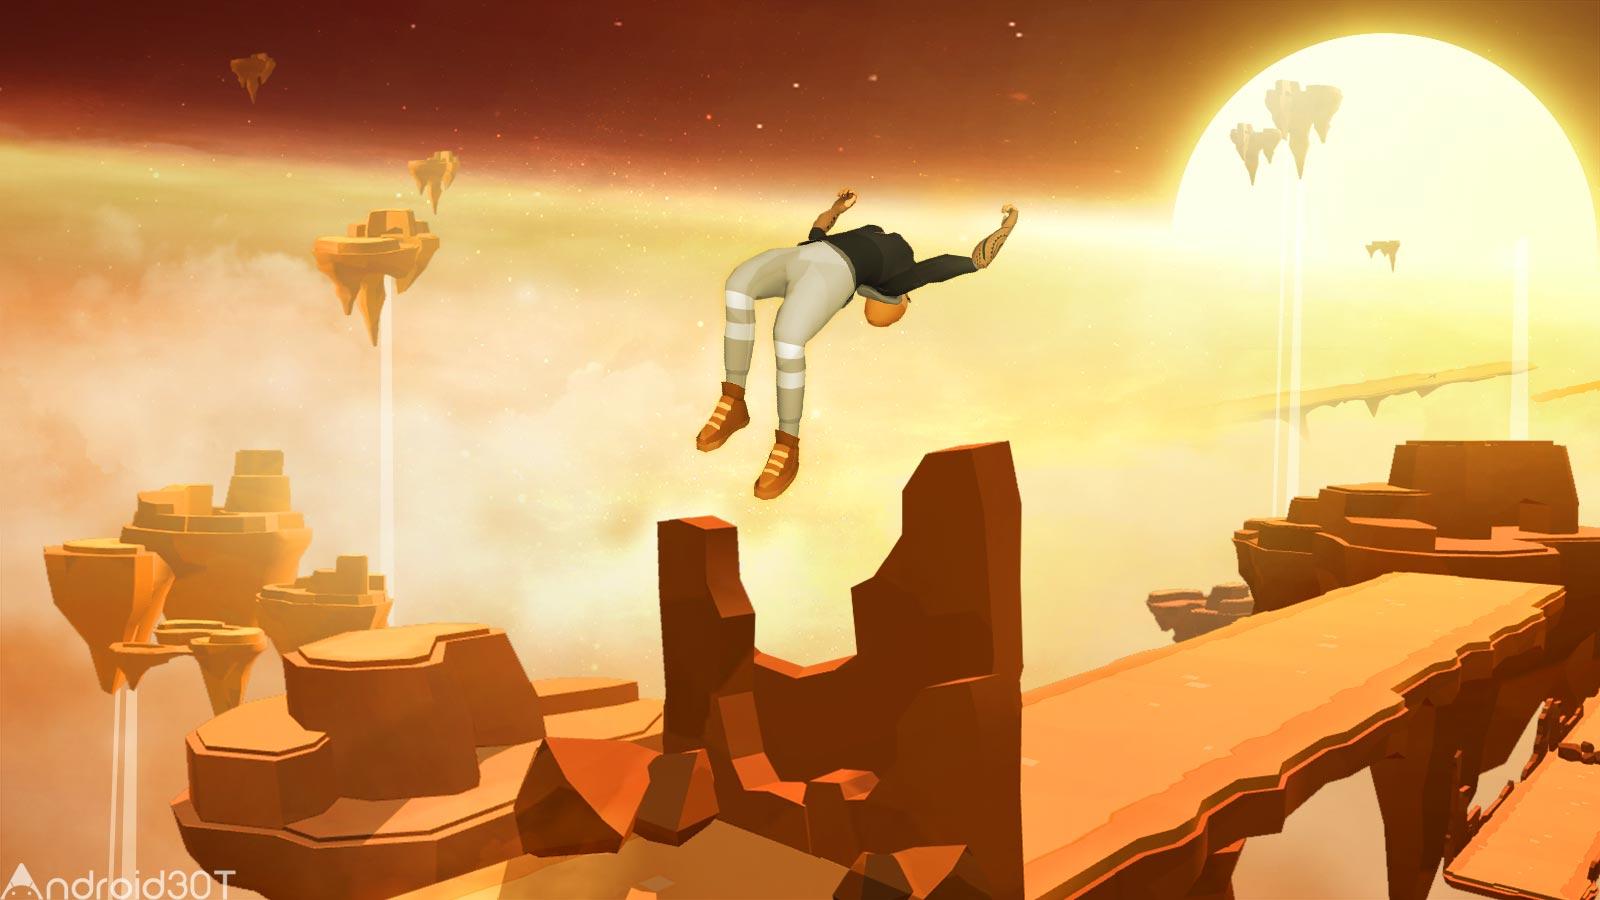 دانلود Sky Dancer Run 3.8.7 – بازی ماجراجویی دونده آسمان اندروید